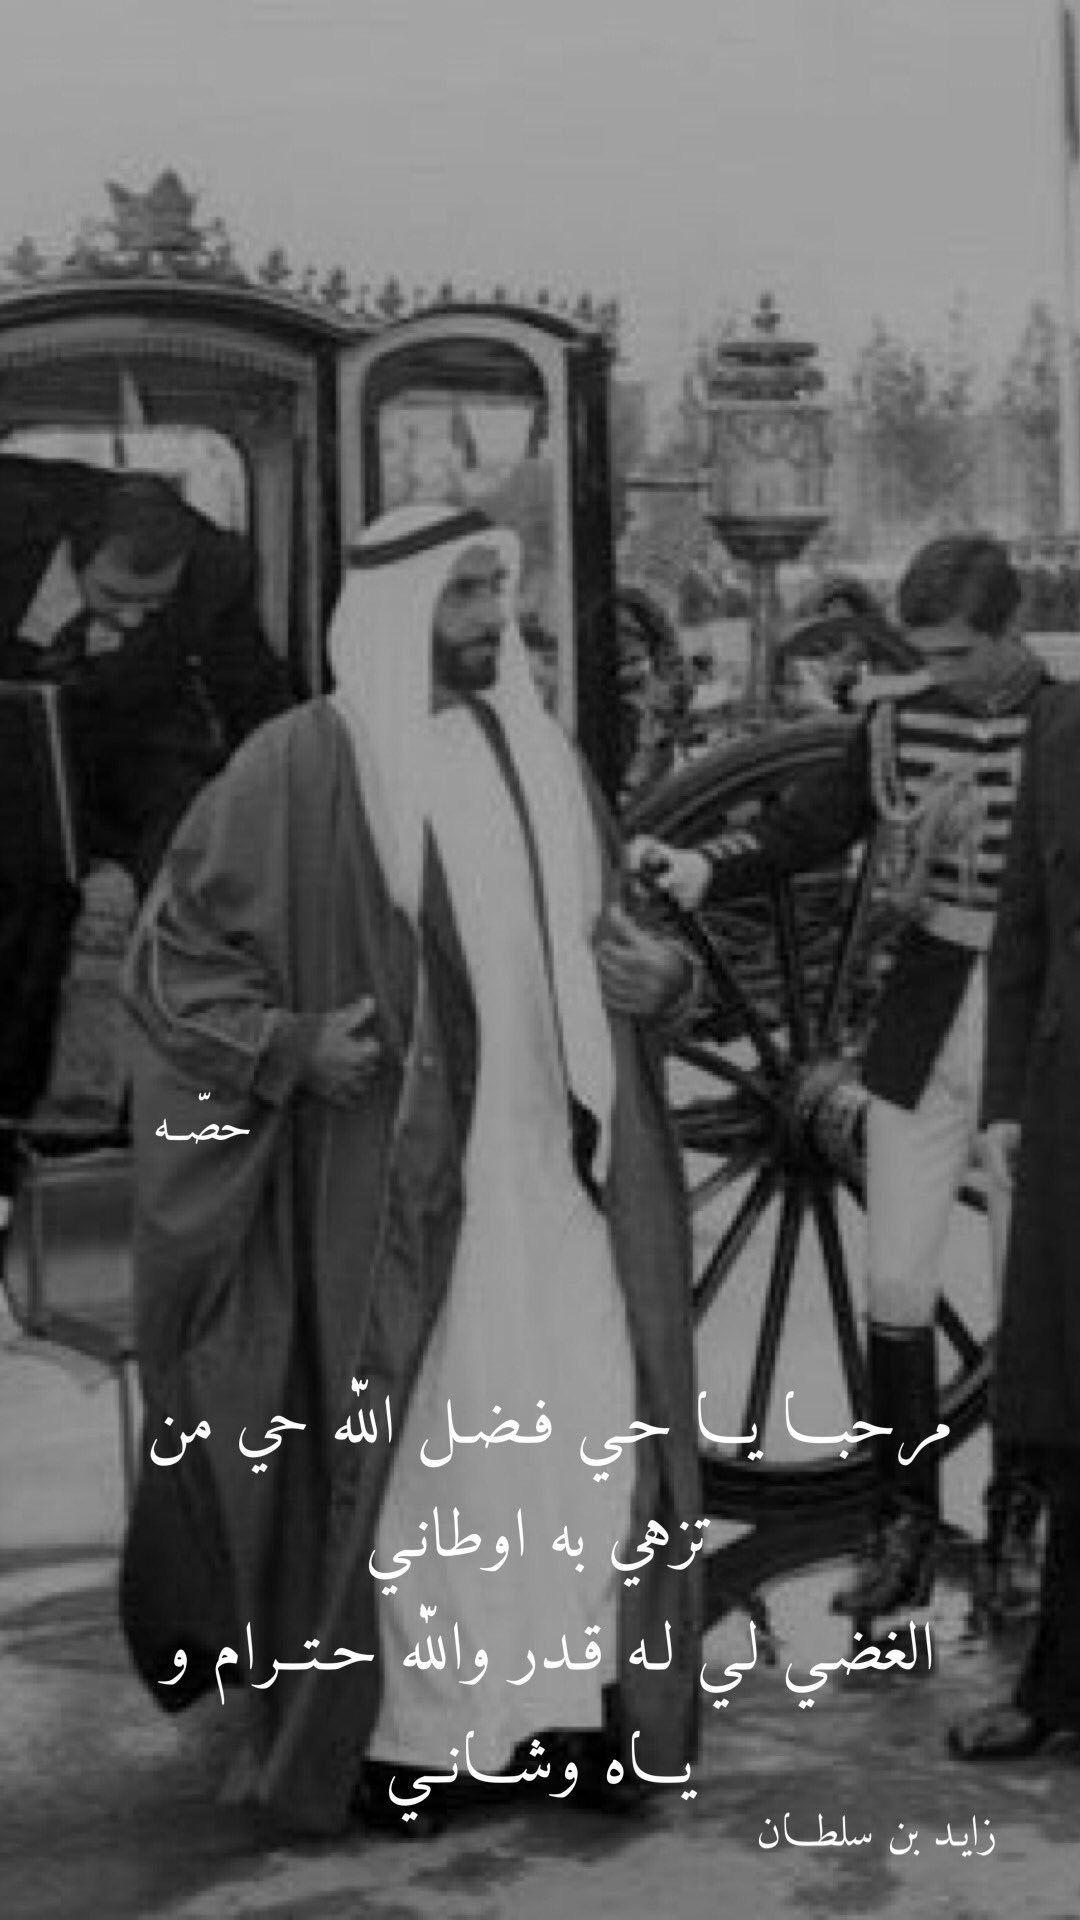 الشيخ زايد Cute Love Images History Uae Islamic Pictures